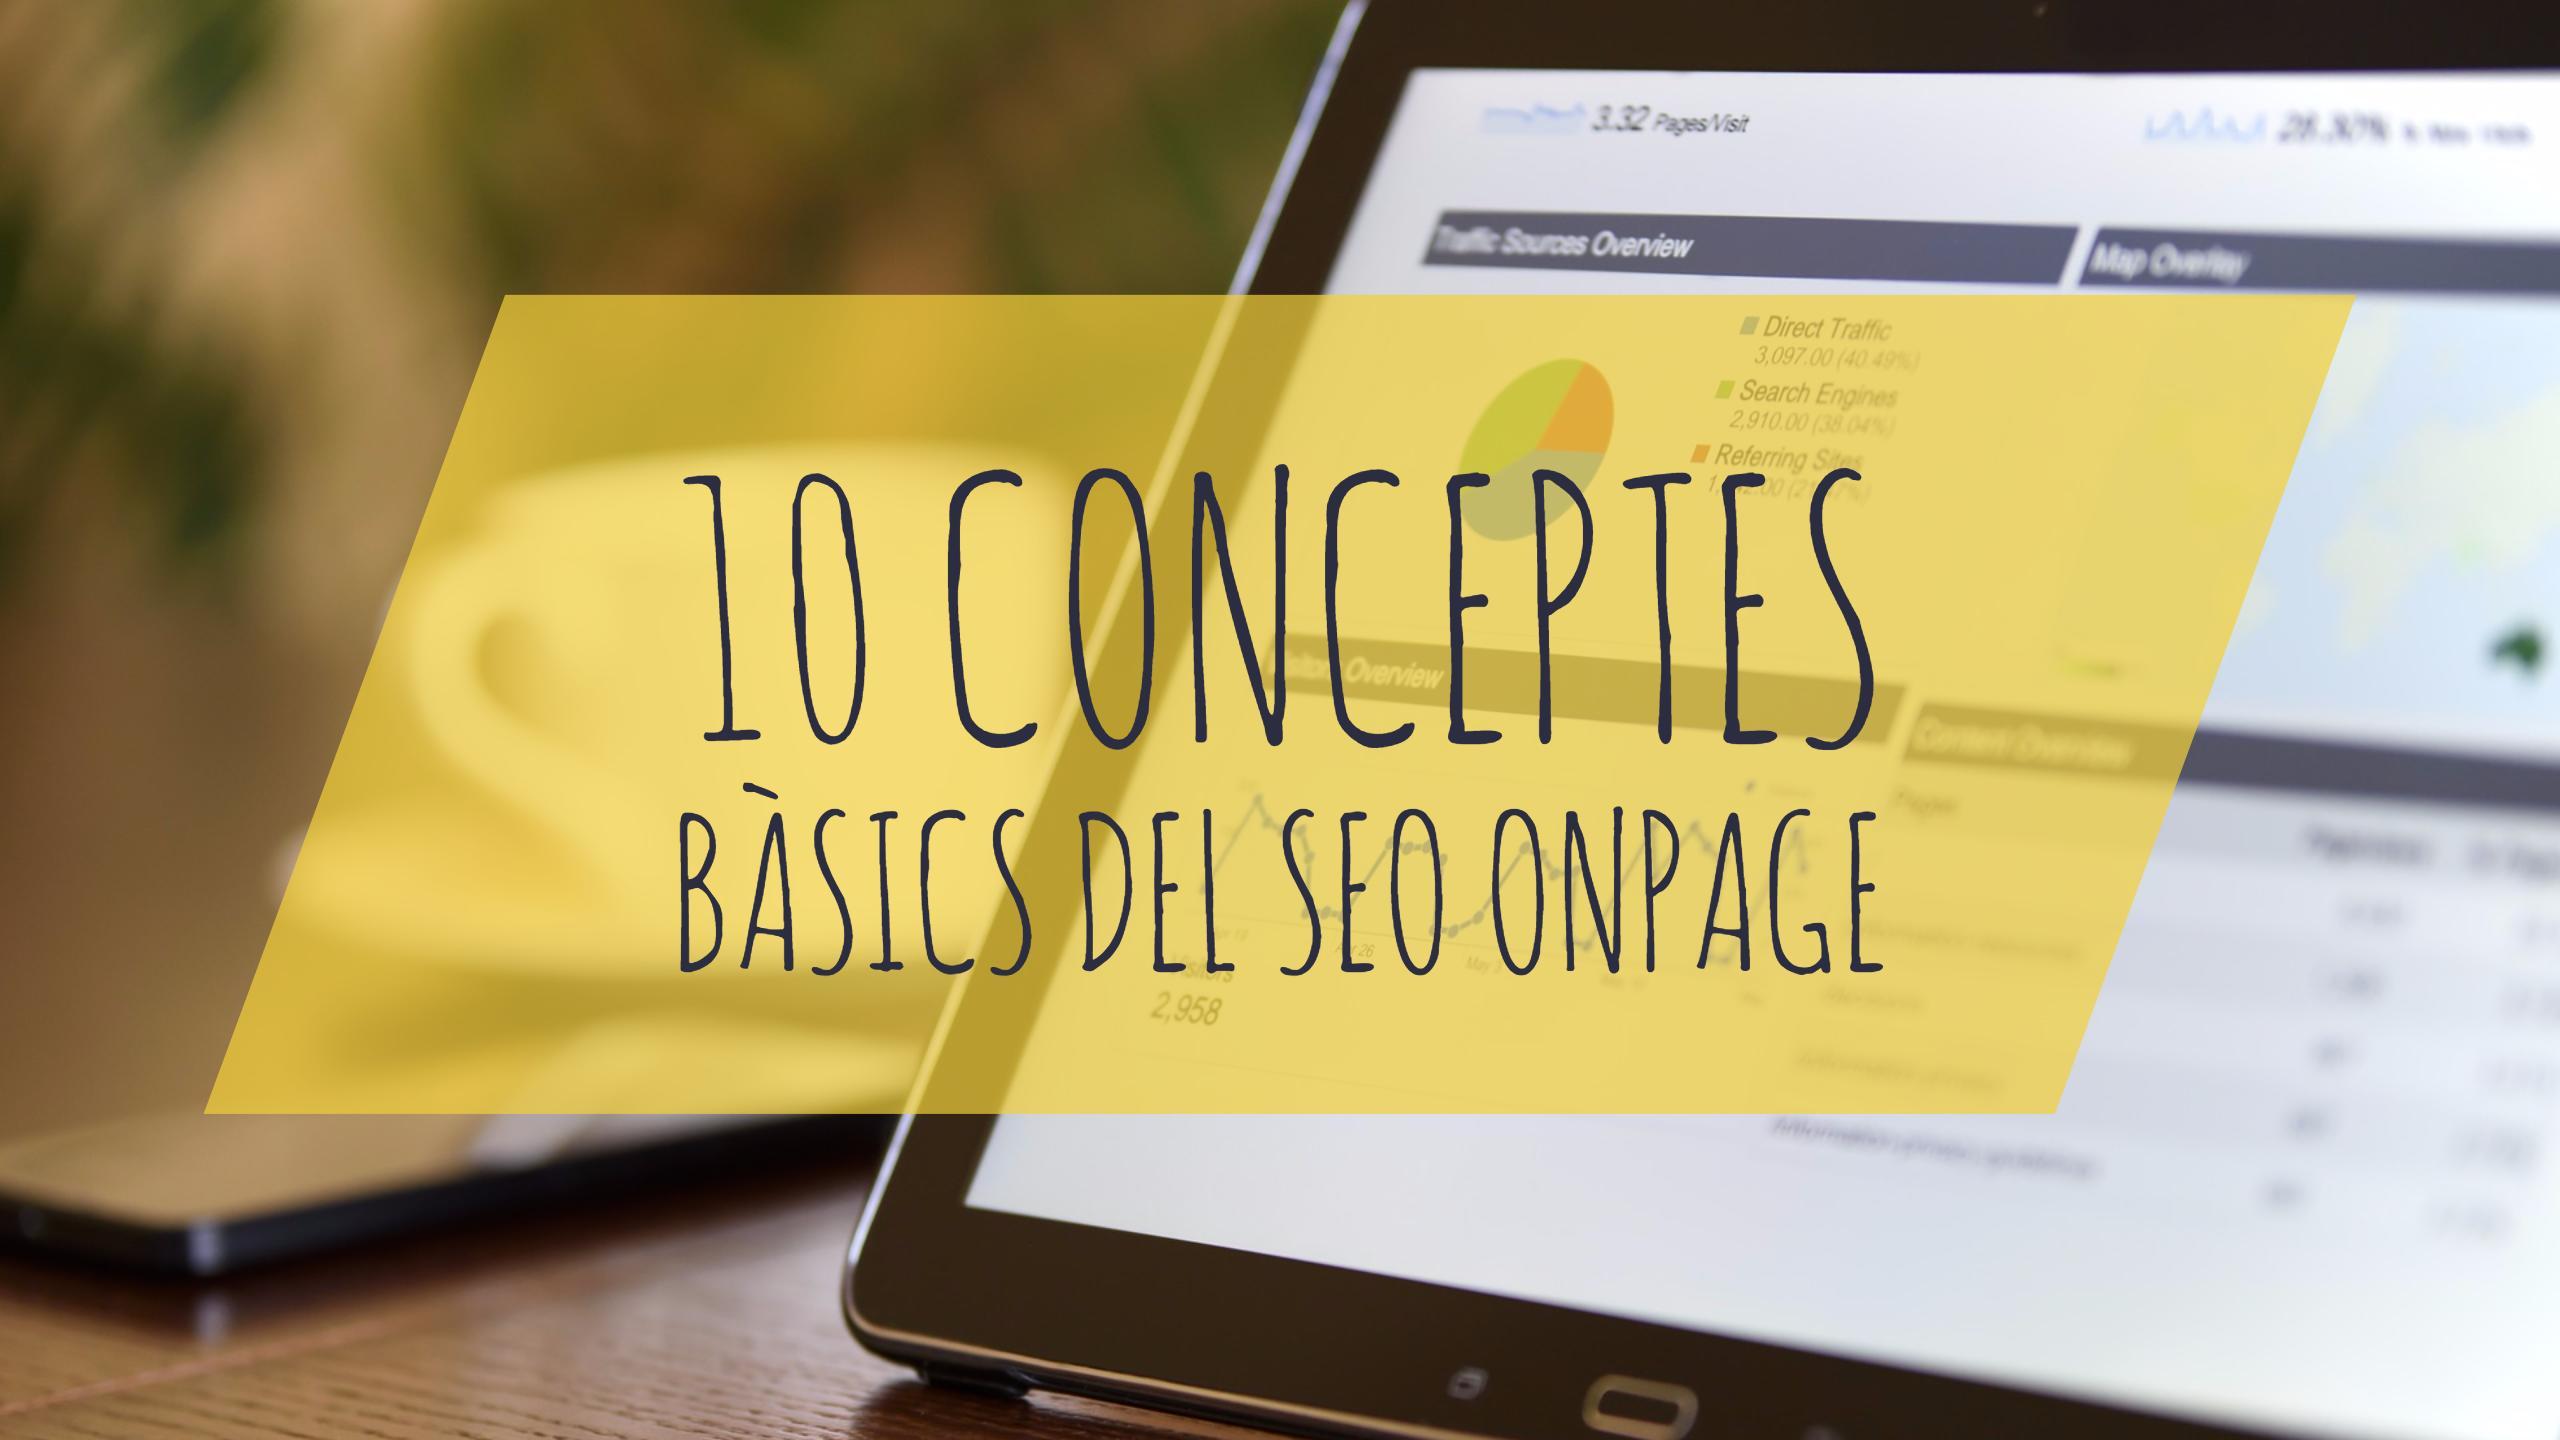 Imatge sobre els 10 conceptes bàsics del SEO Onpage.